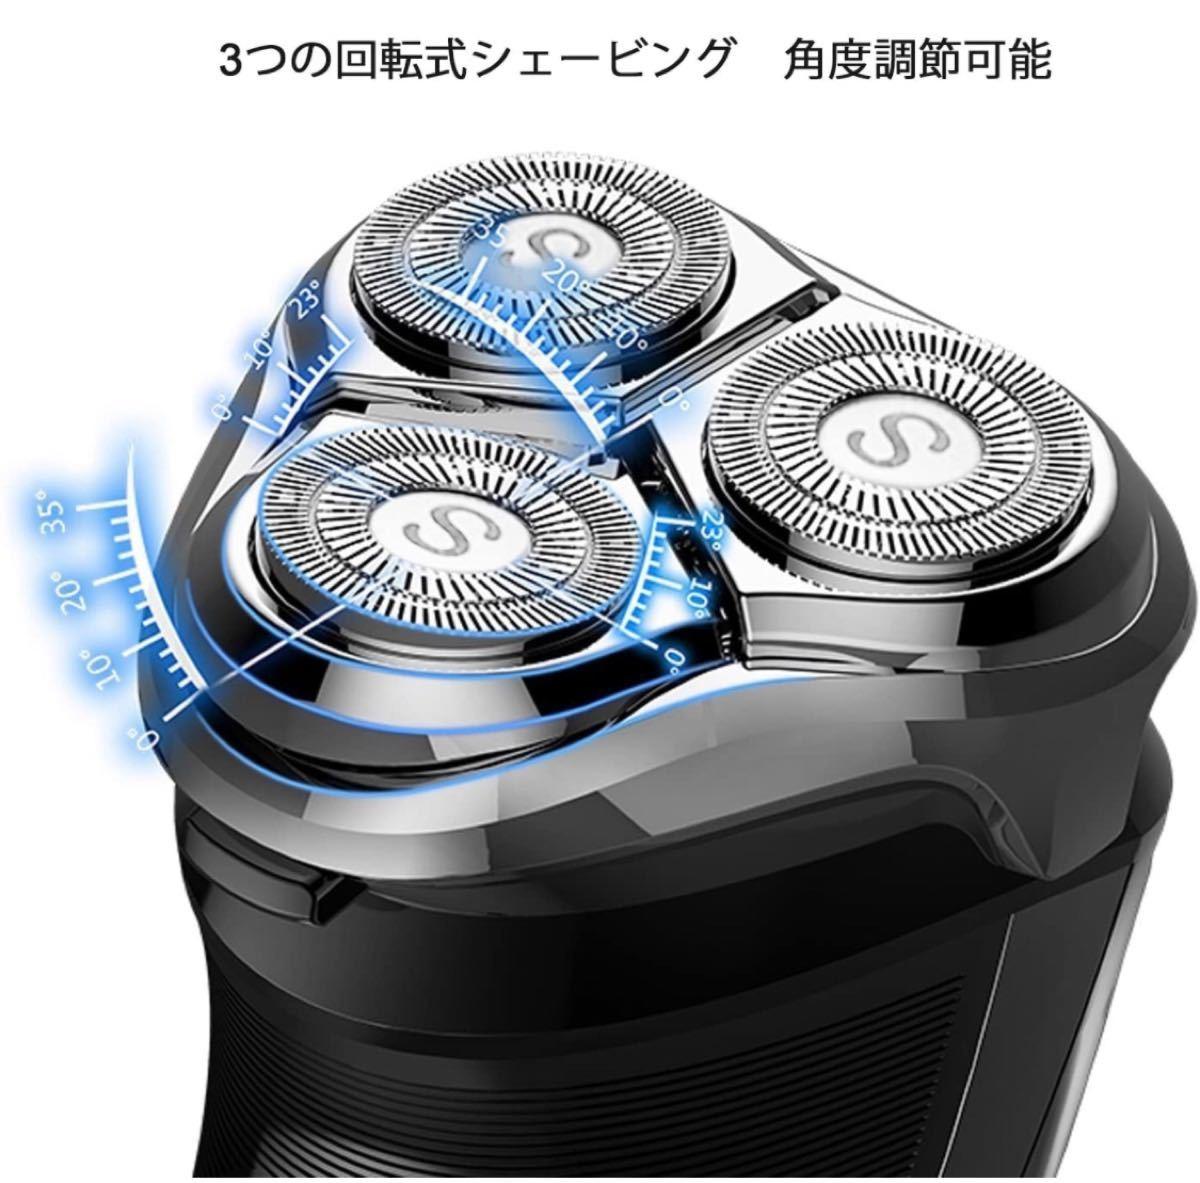 電気シェーバー ひげそり 3枚刃 USB充電式 髭剃り 電動 メンズシェーバー 電動ひげそり お風呂剃り可LED電池残量表示(黒)